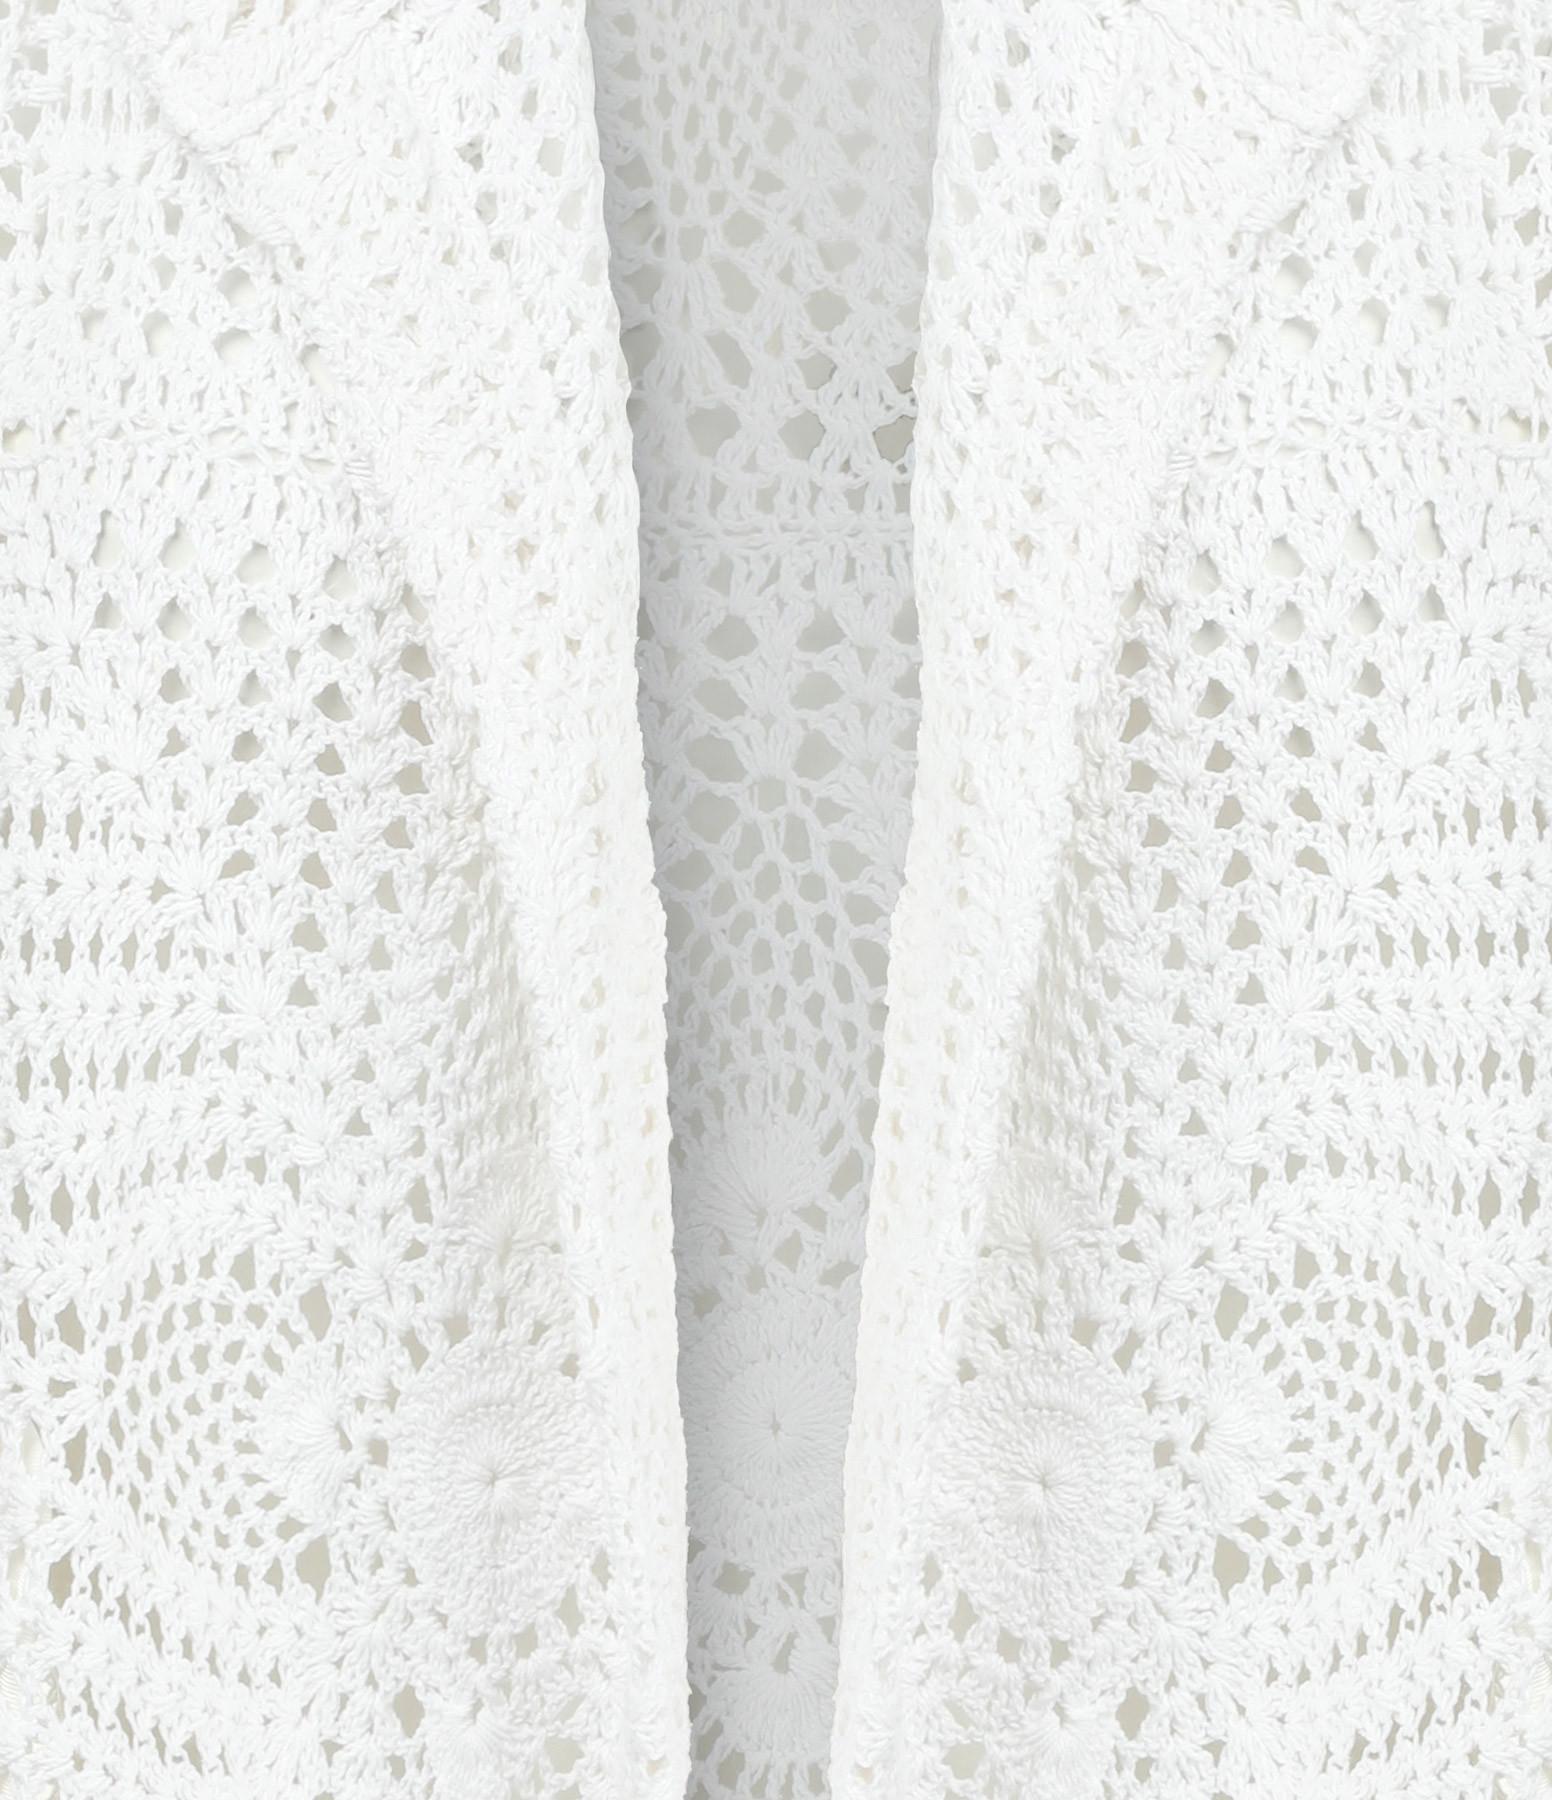 IRO - Veste Elgua Coton Blanc